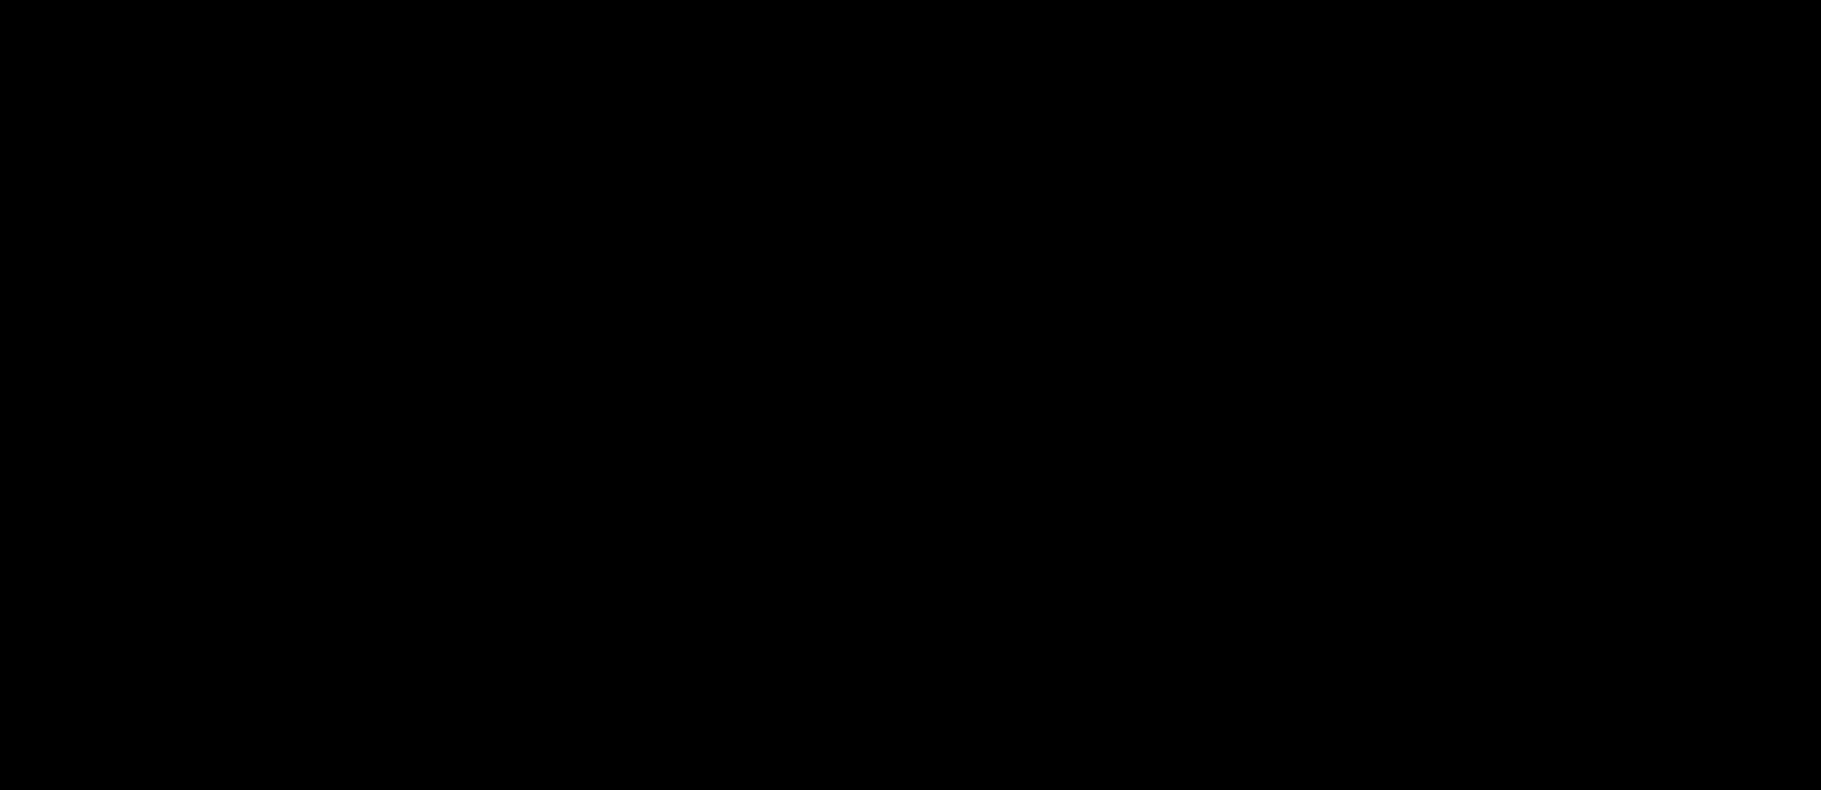 Albrecht_D%C3%BCrer_Monogramm